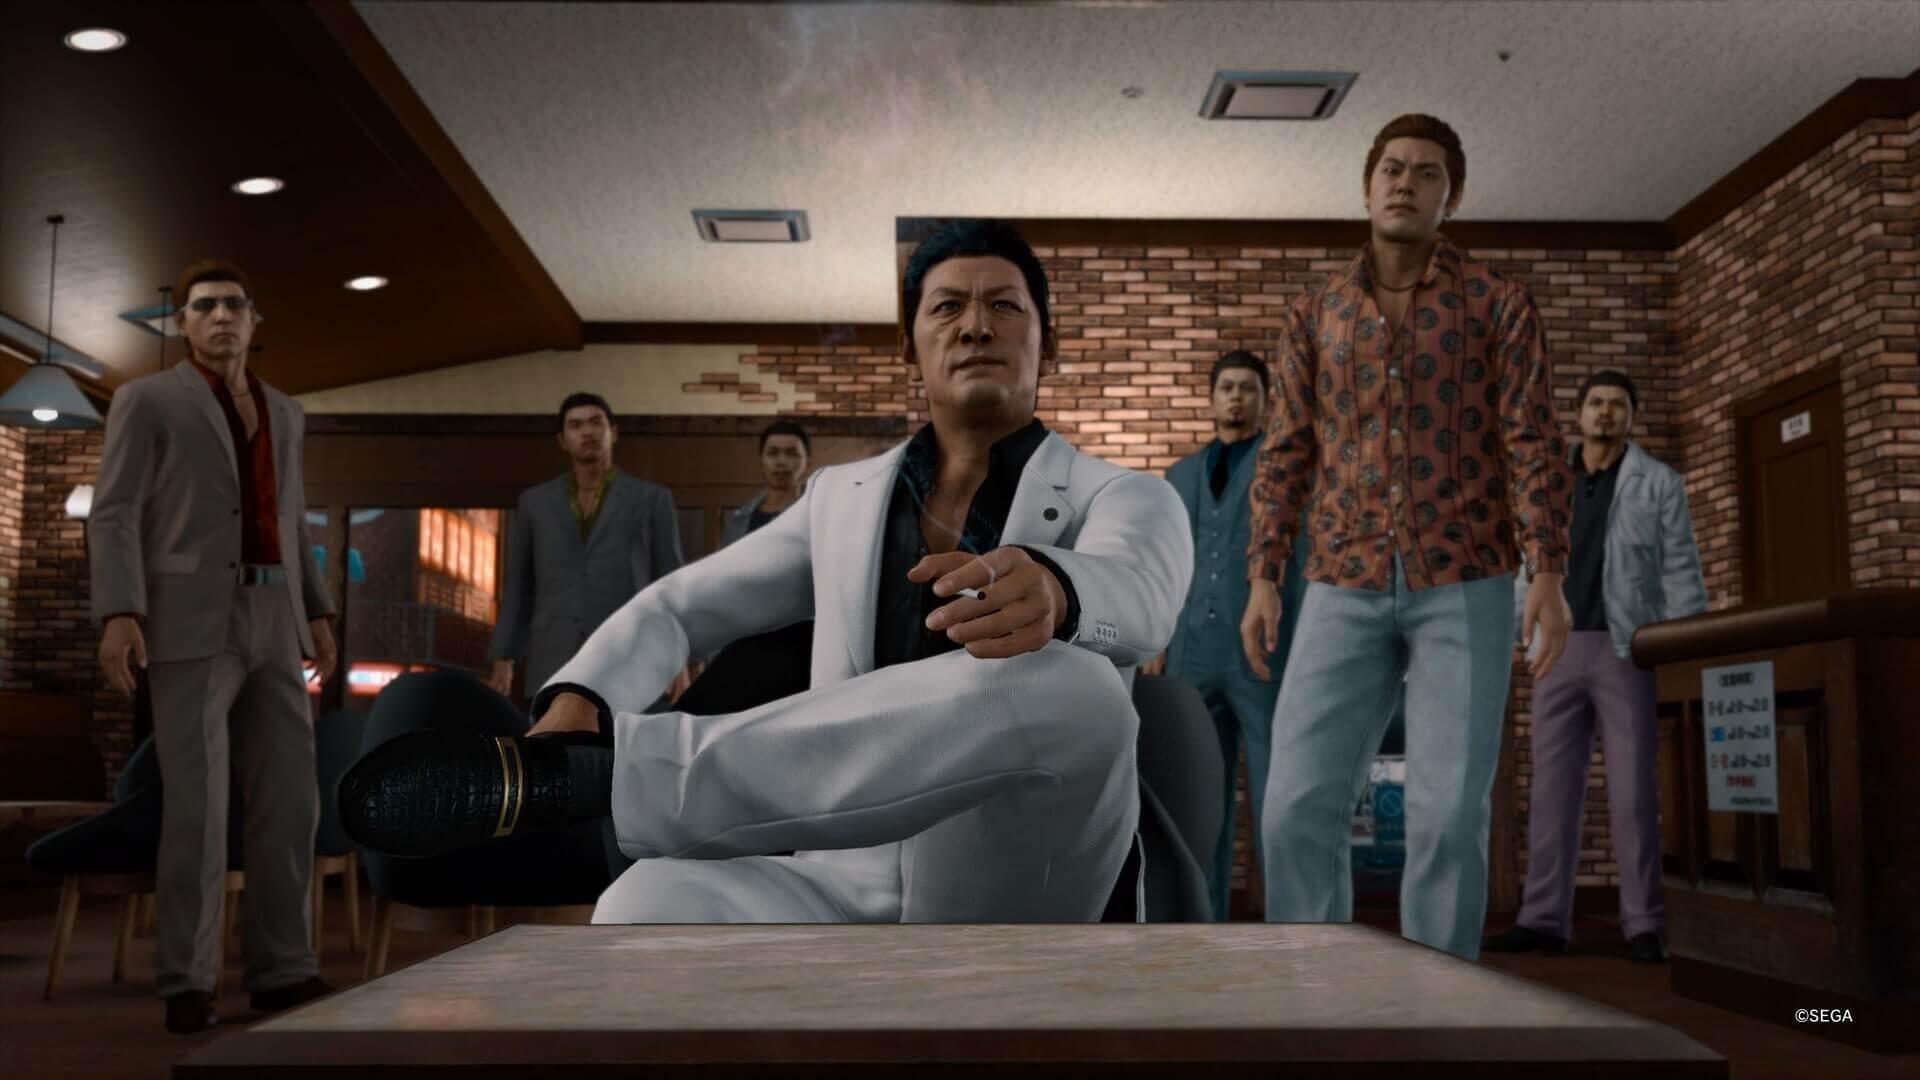 Análise Judgment, Judgment, Yakuza, Ryu Ga Gotoku Studio, Delfos